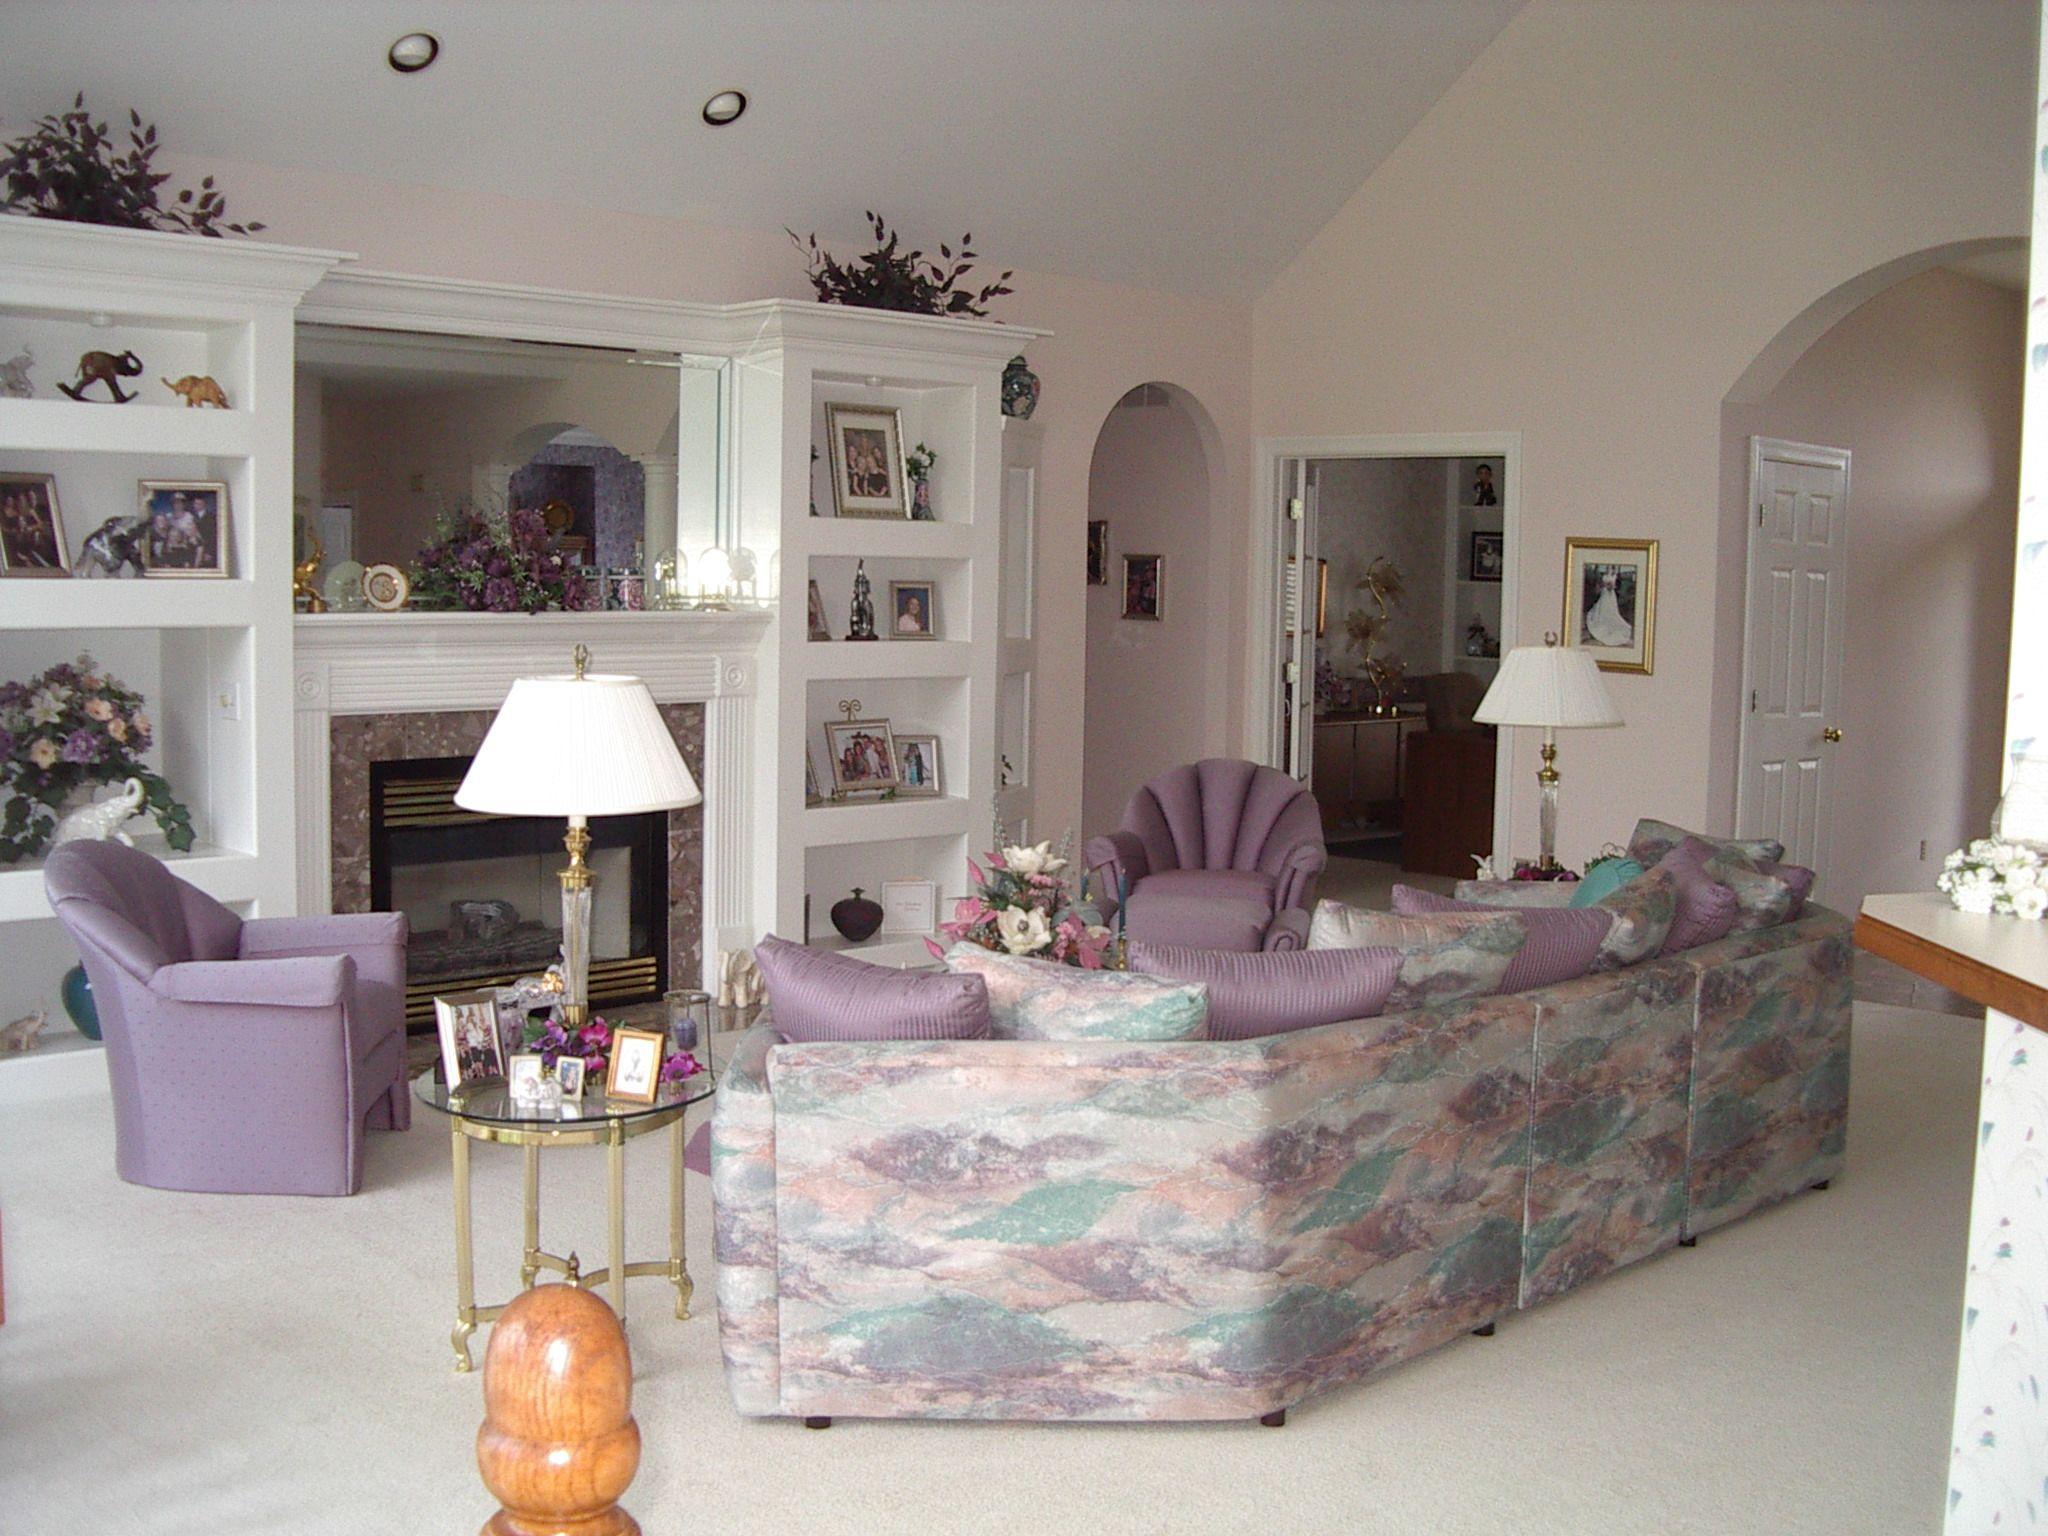 1980's living room | living-room-1990 | Home decor, 1980s ... on tile for a home, ideas for a home, art for a home,